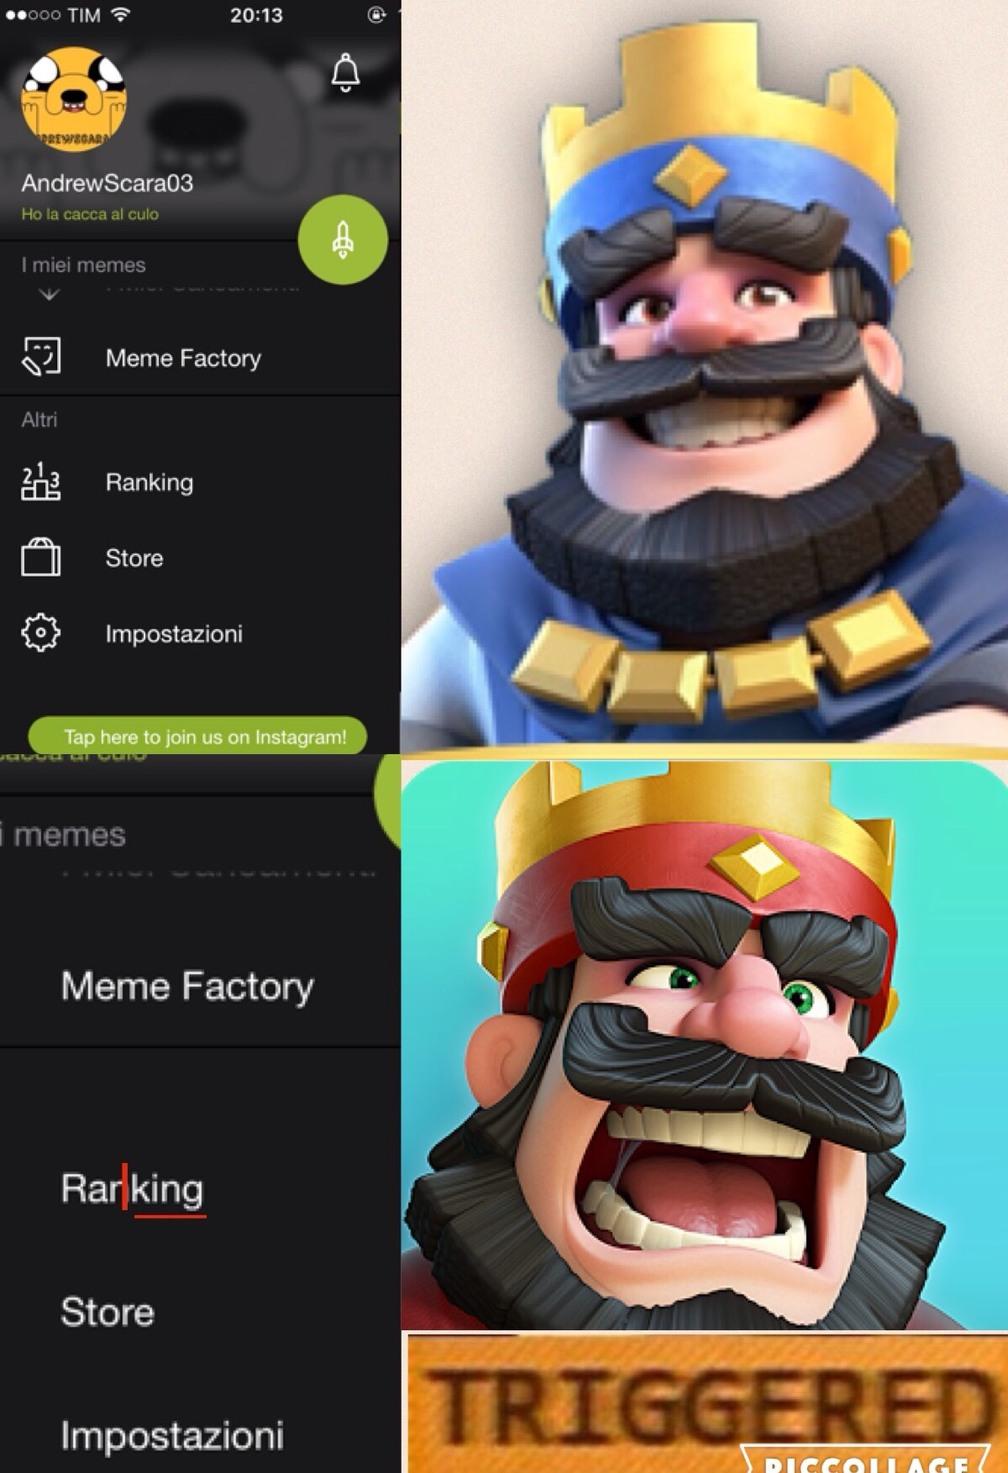 che titolo metto a questo meme?